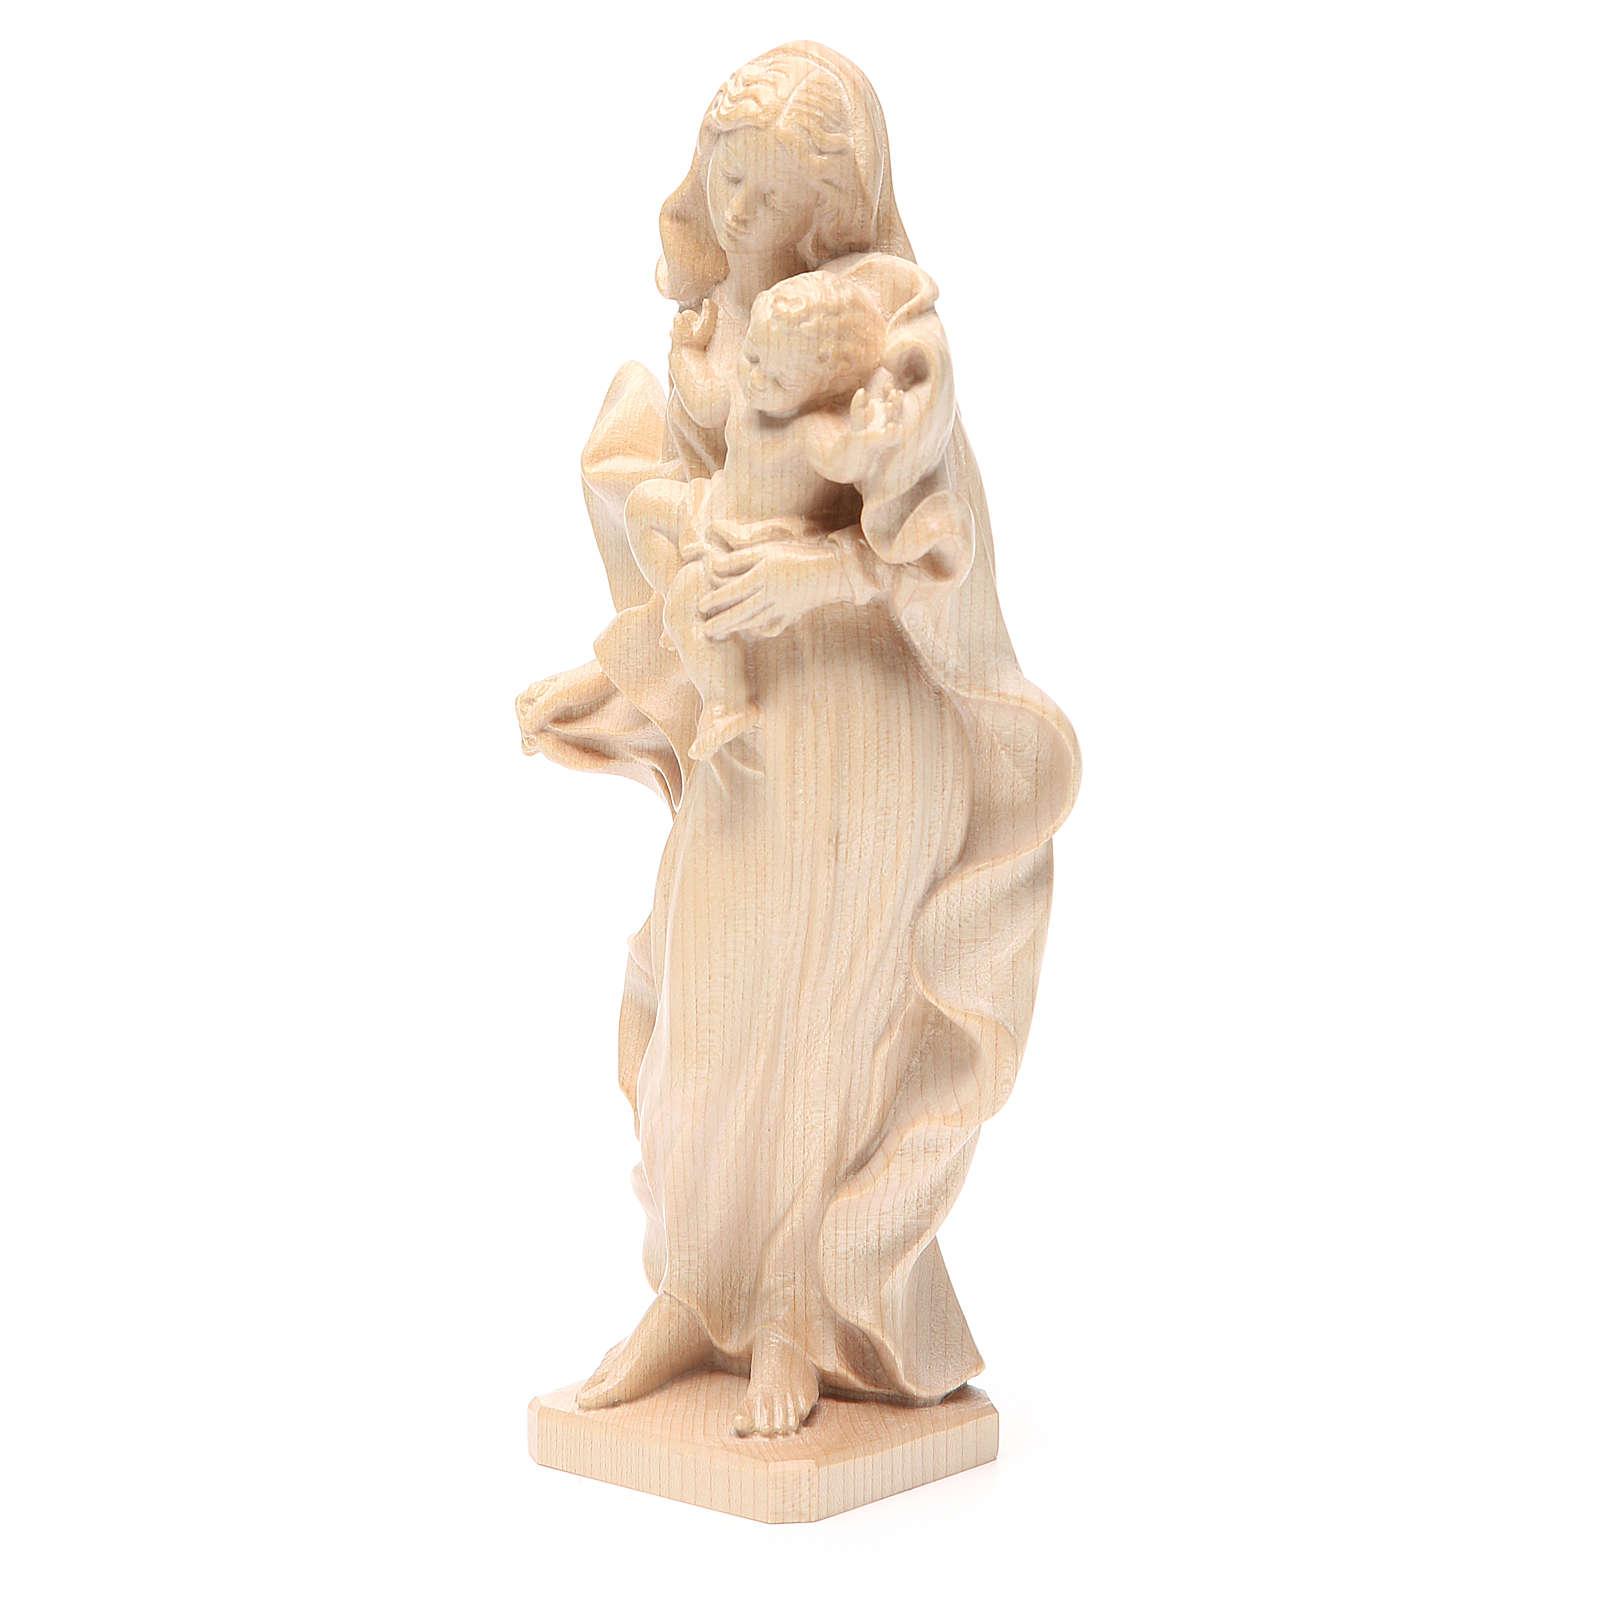 Madonna bimbo stile barocco legno Valgardena naturale cerato 4